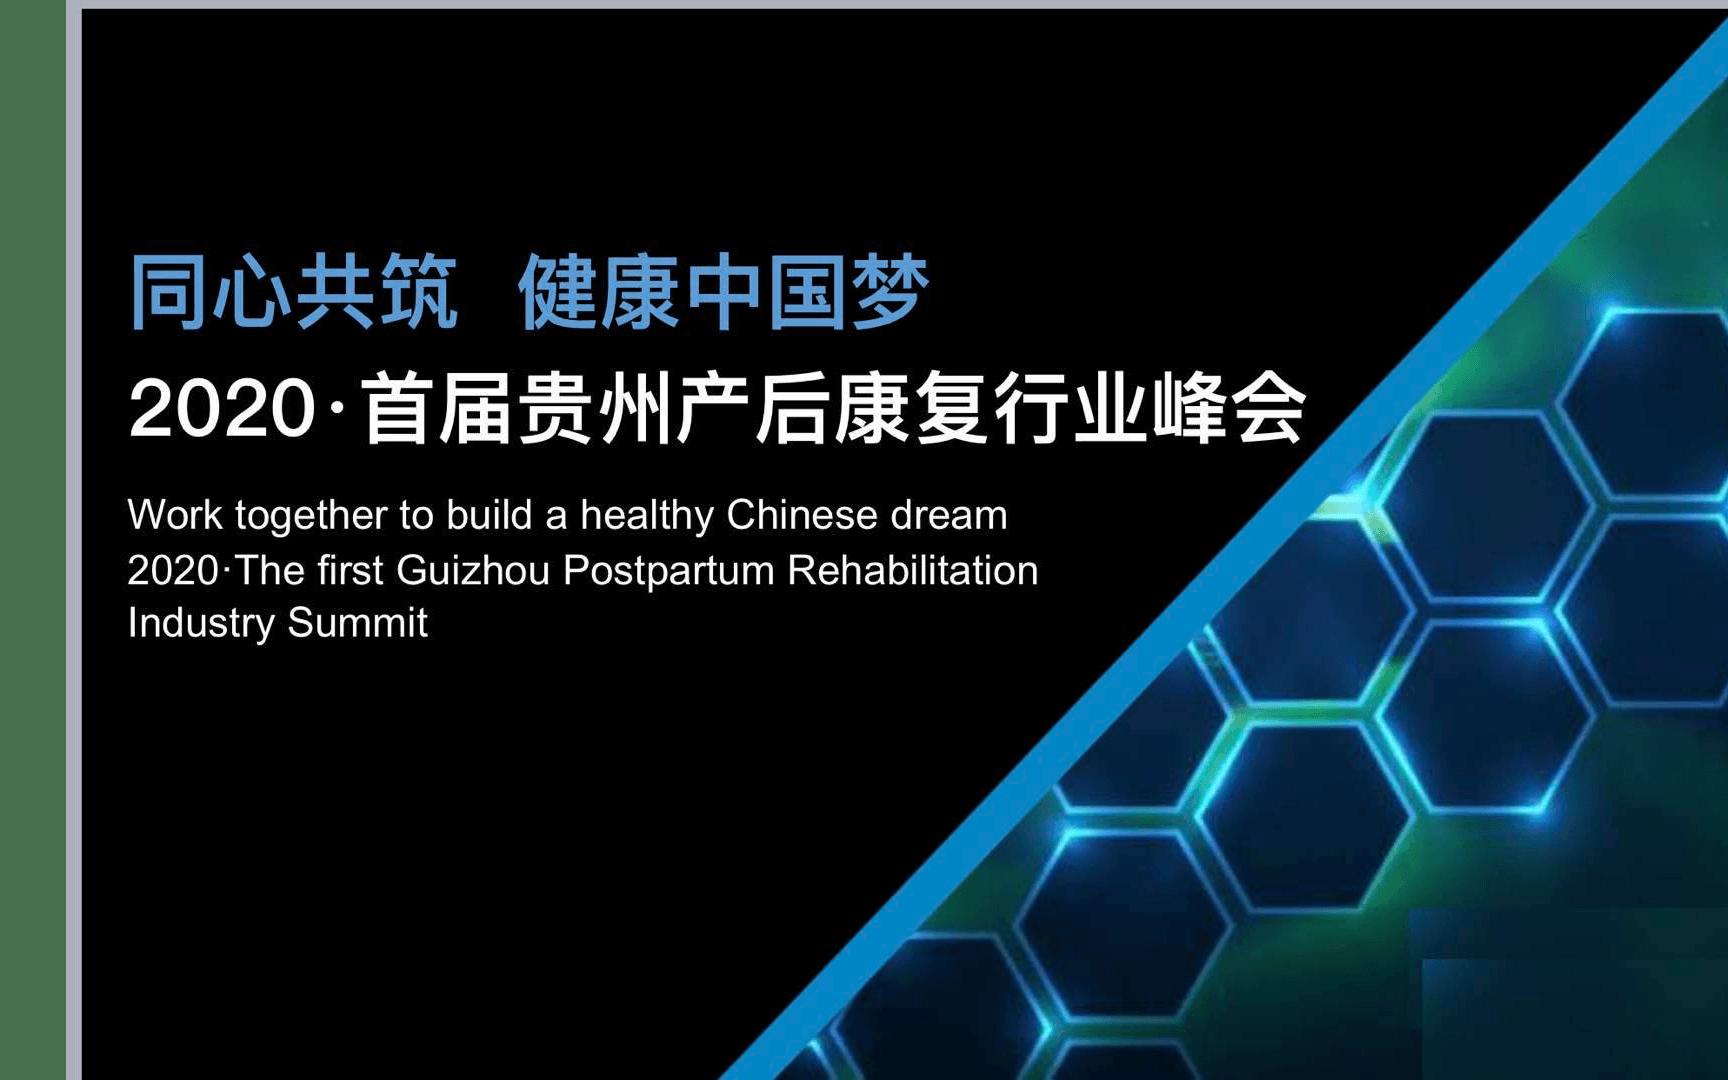 2020首届贵州产后康复行业峰会